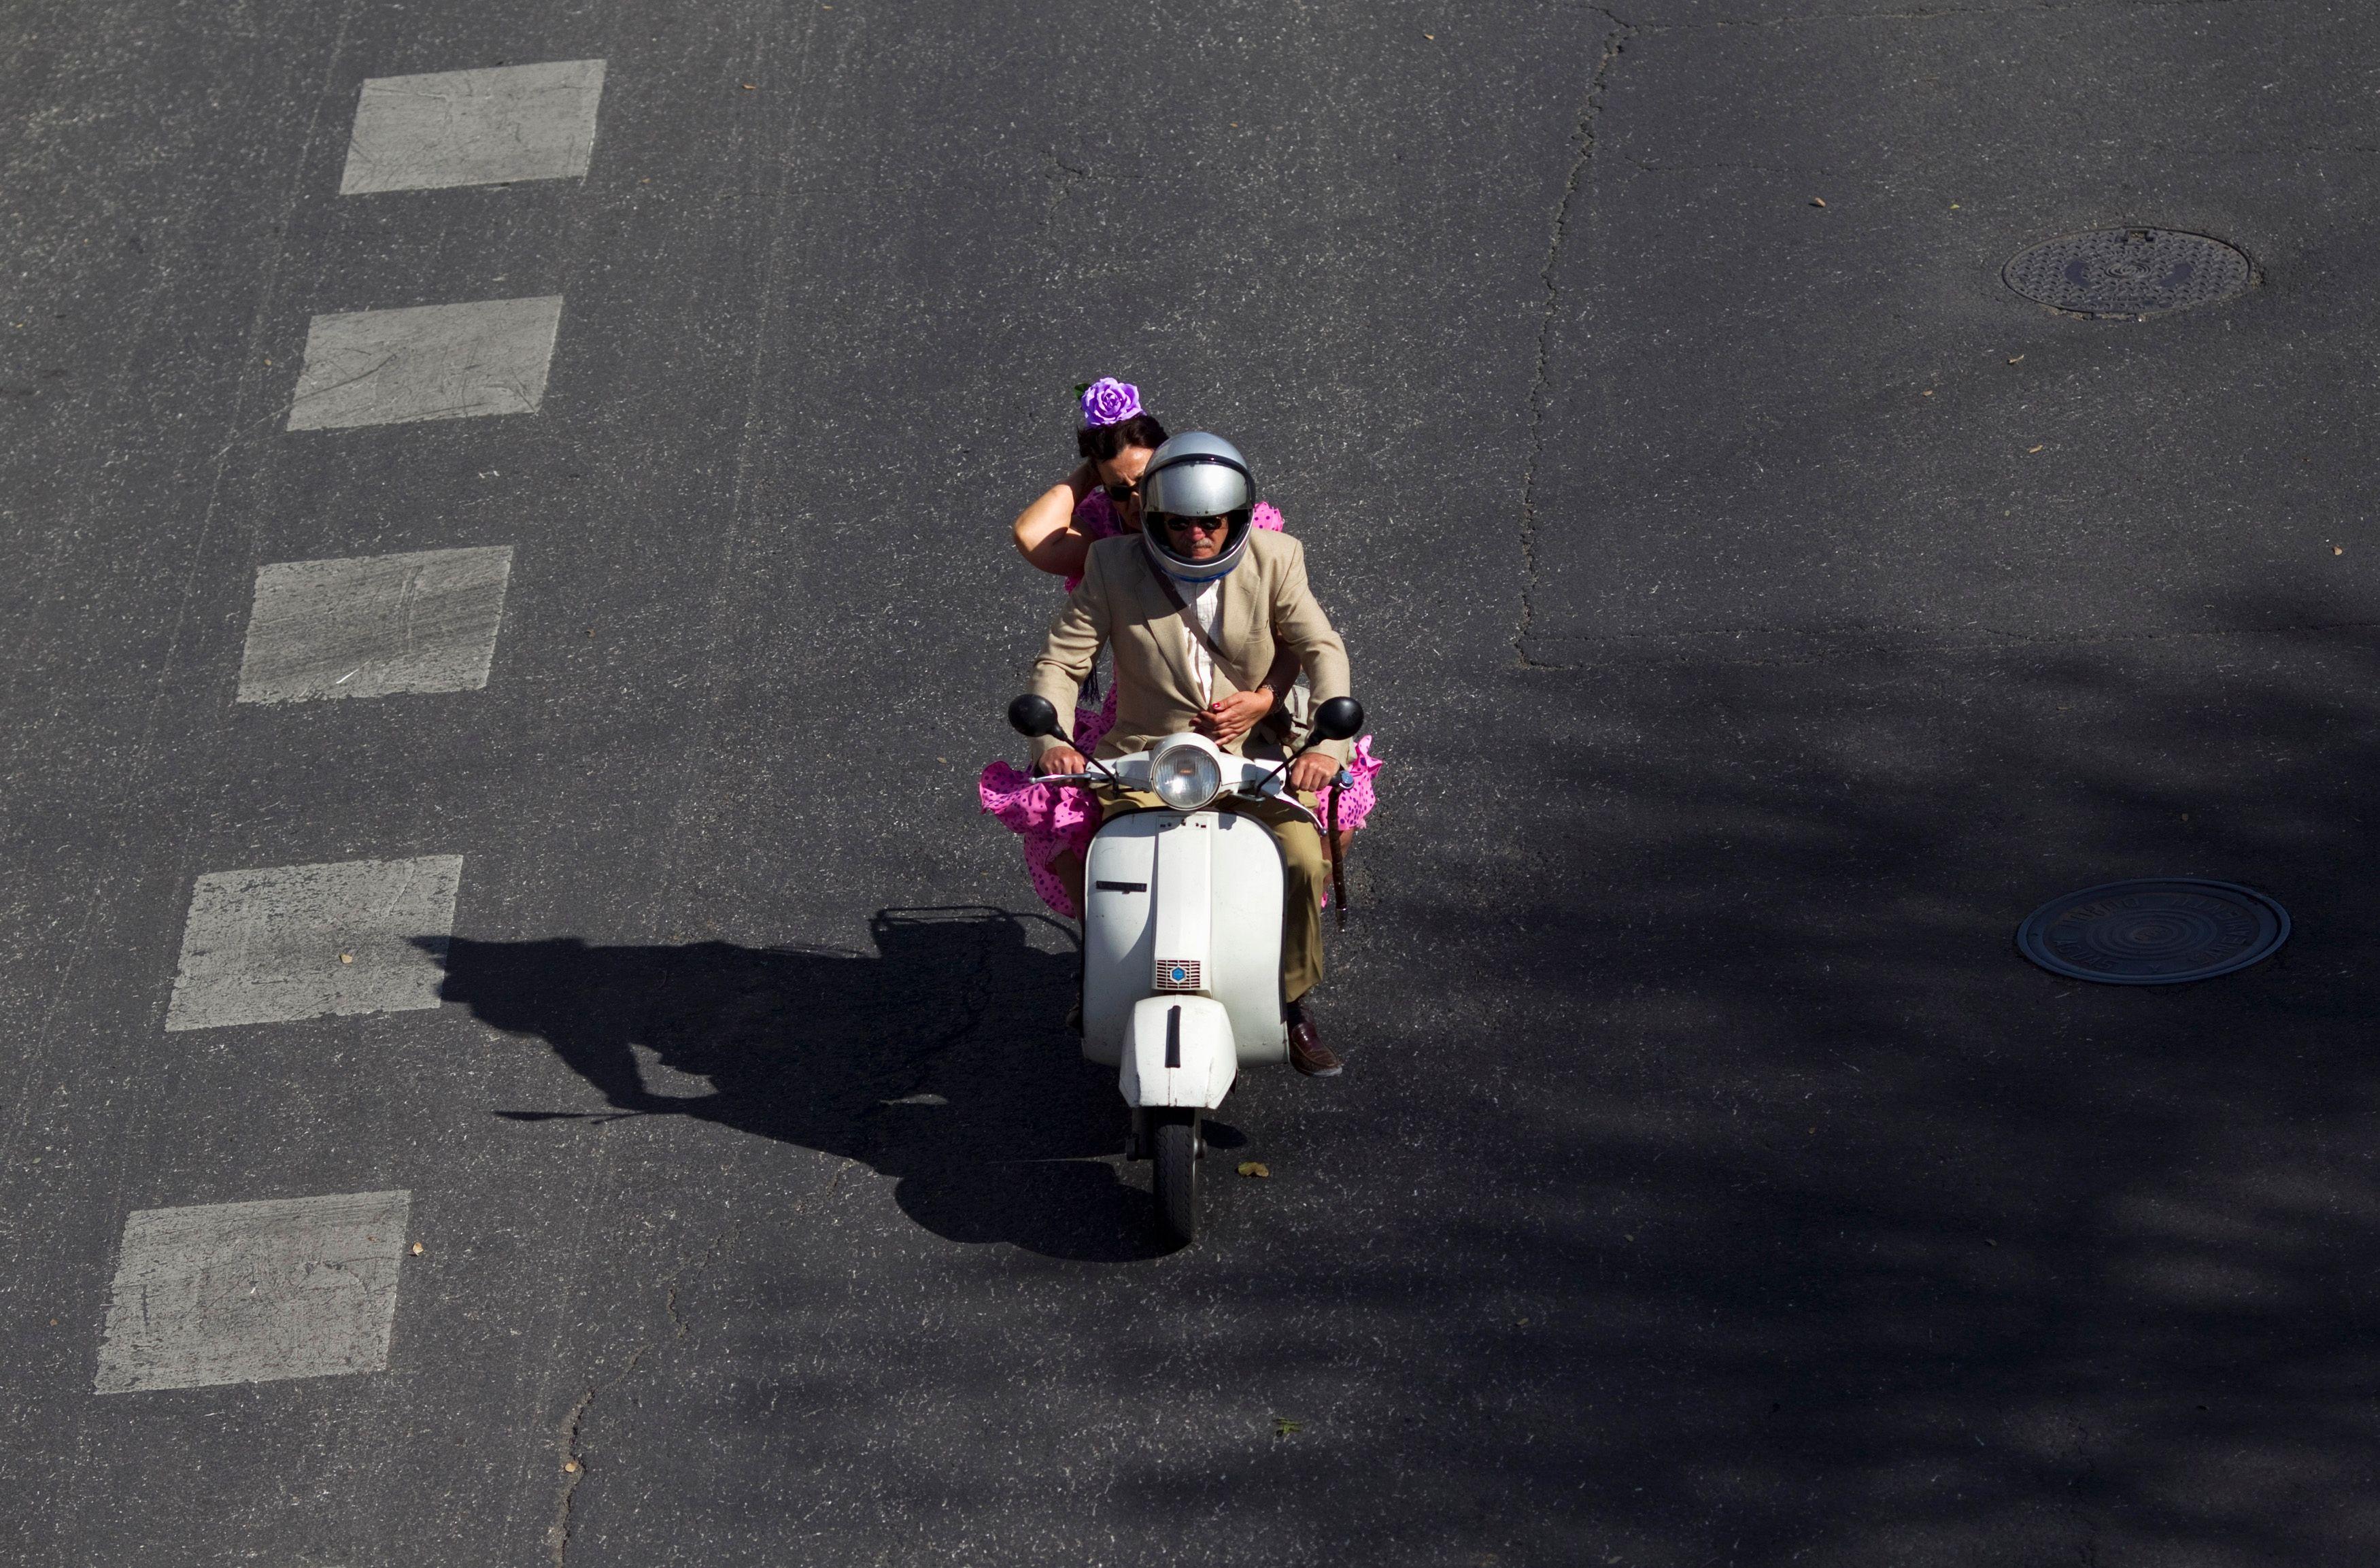 Les photos de Closer montre François Hollande sur un scooter.